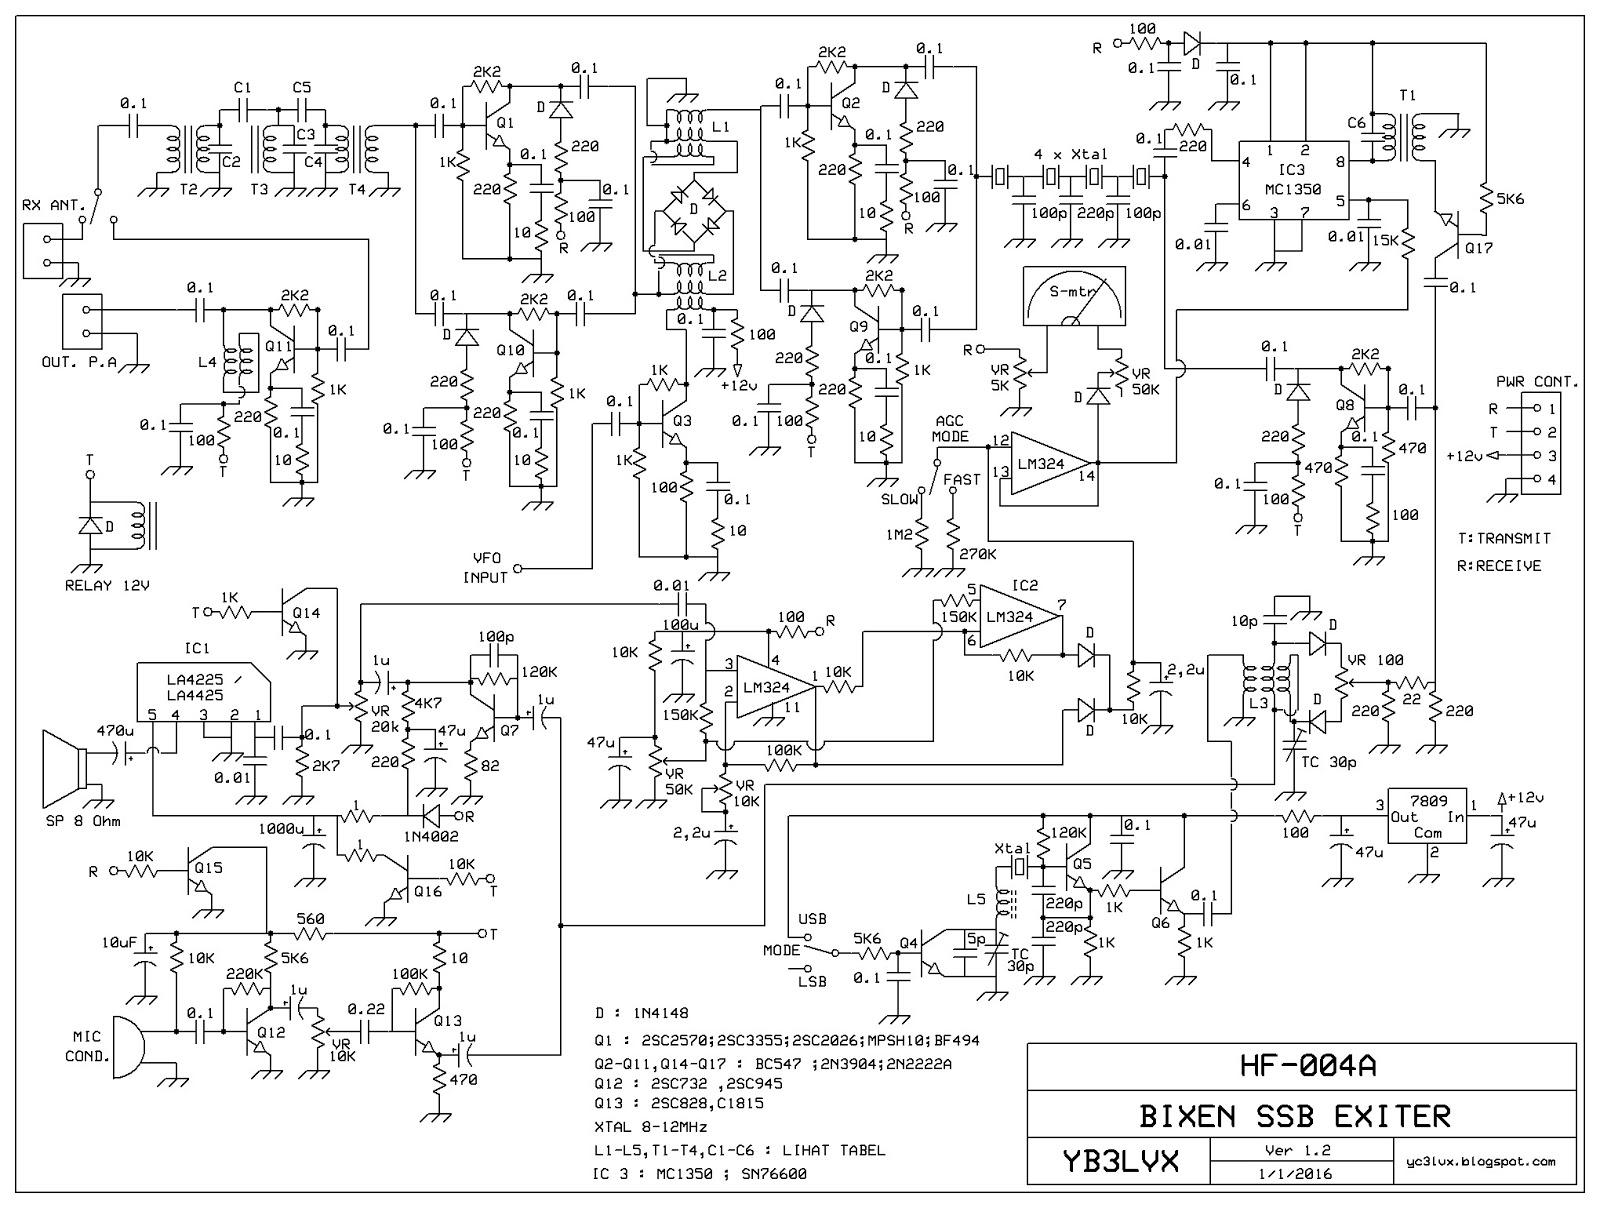 Multiband Bitx G6lbq Links Circuit Diagram Ssb Transceiver 80m 40m Https 4bpblogspotcom P1lptplxnho Vrxre6hl Yi Aaaaaaaaaxi Qrifrbrhavi S1600 Bitx2bnew2bbixen2bperbaikan